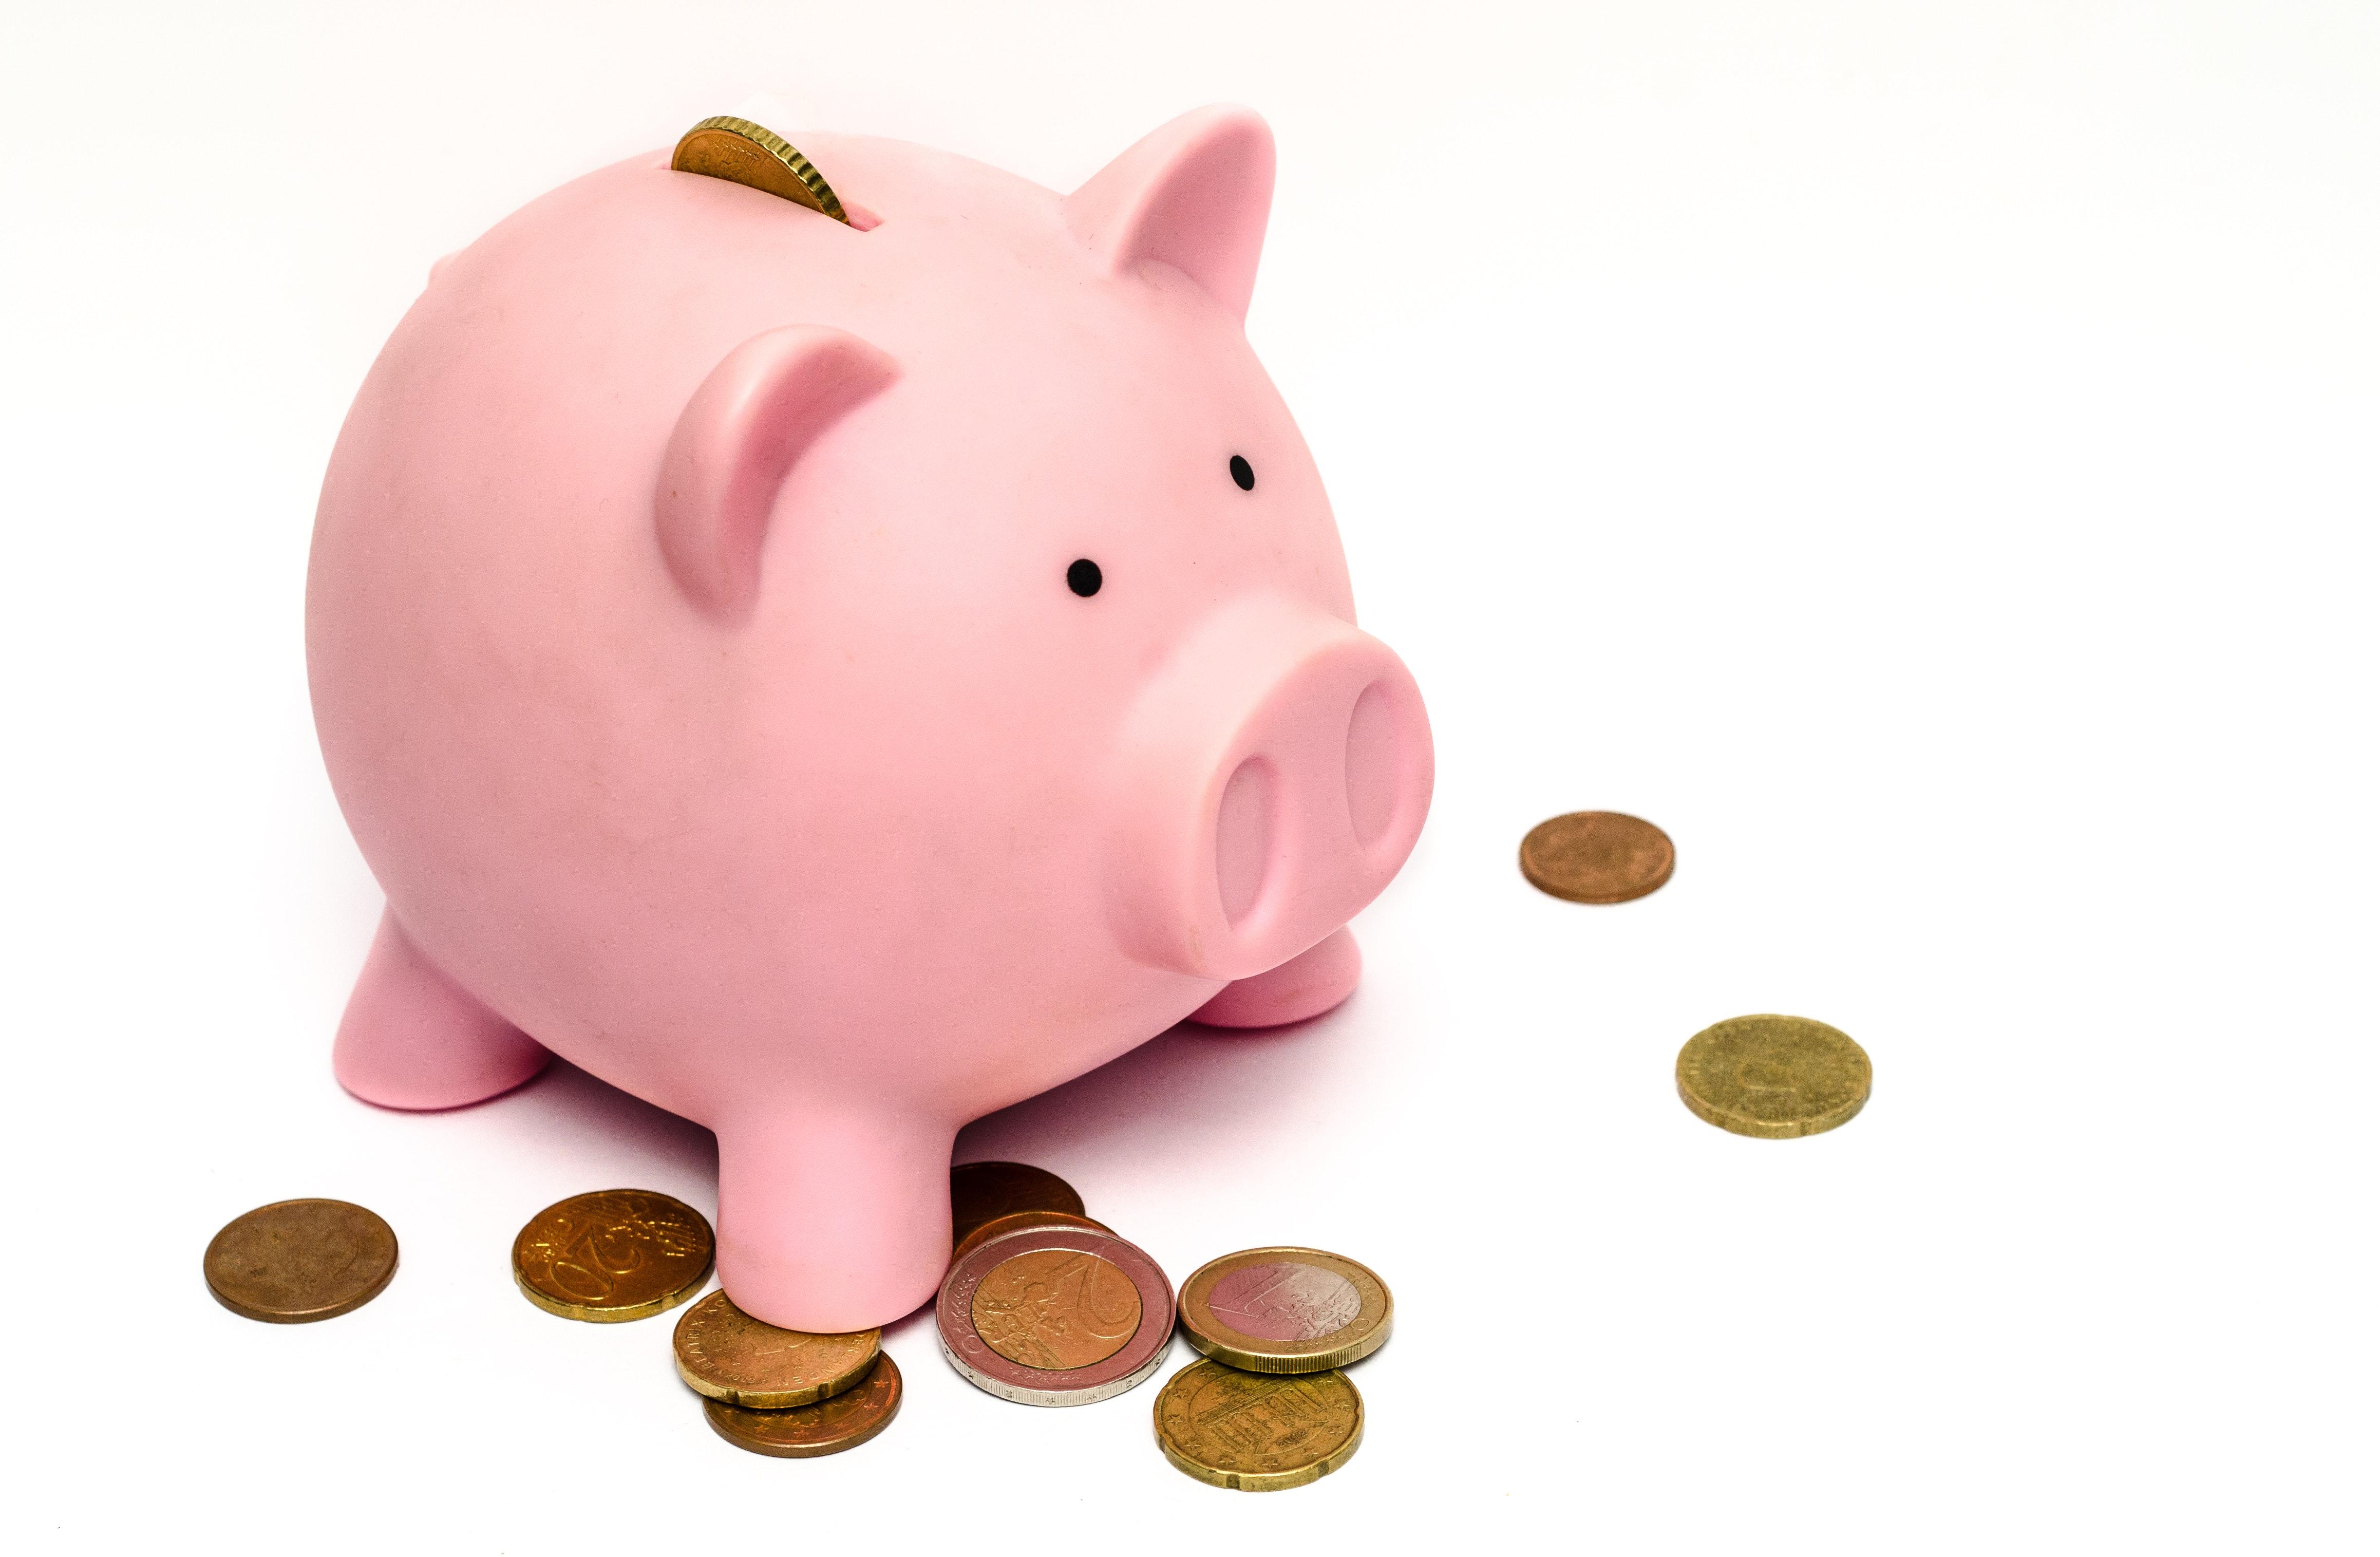 spilled coins from piggybank